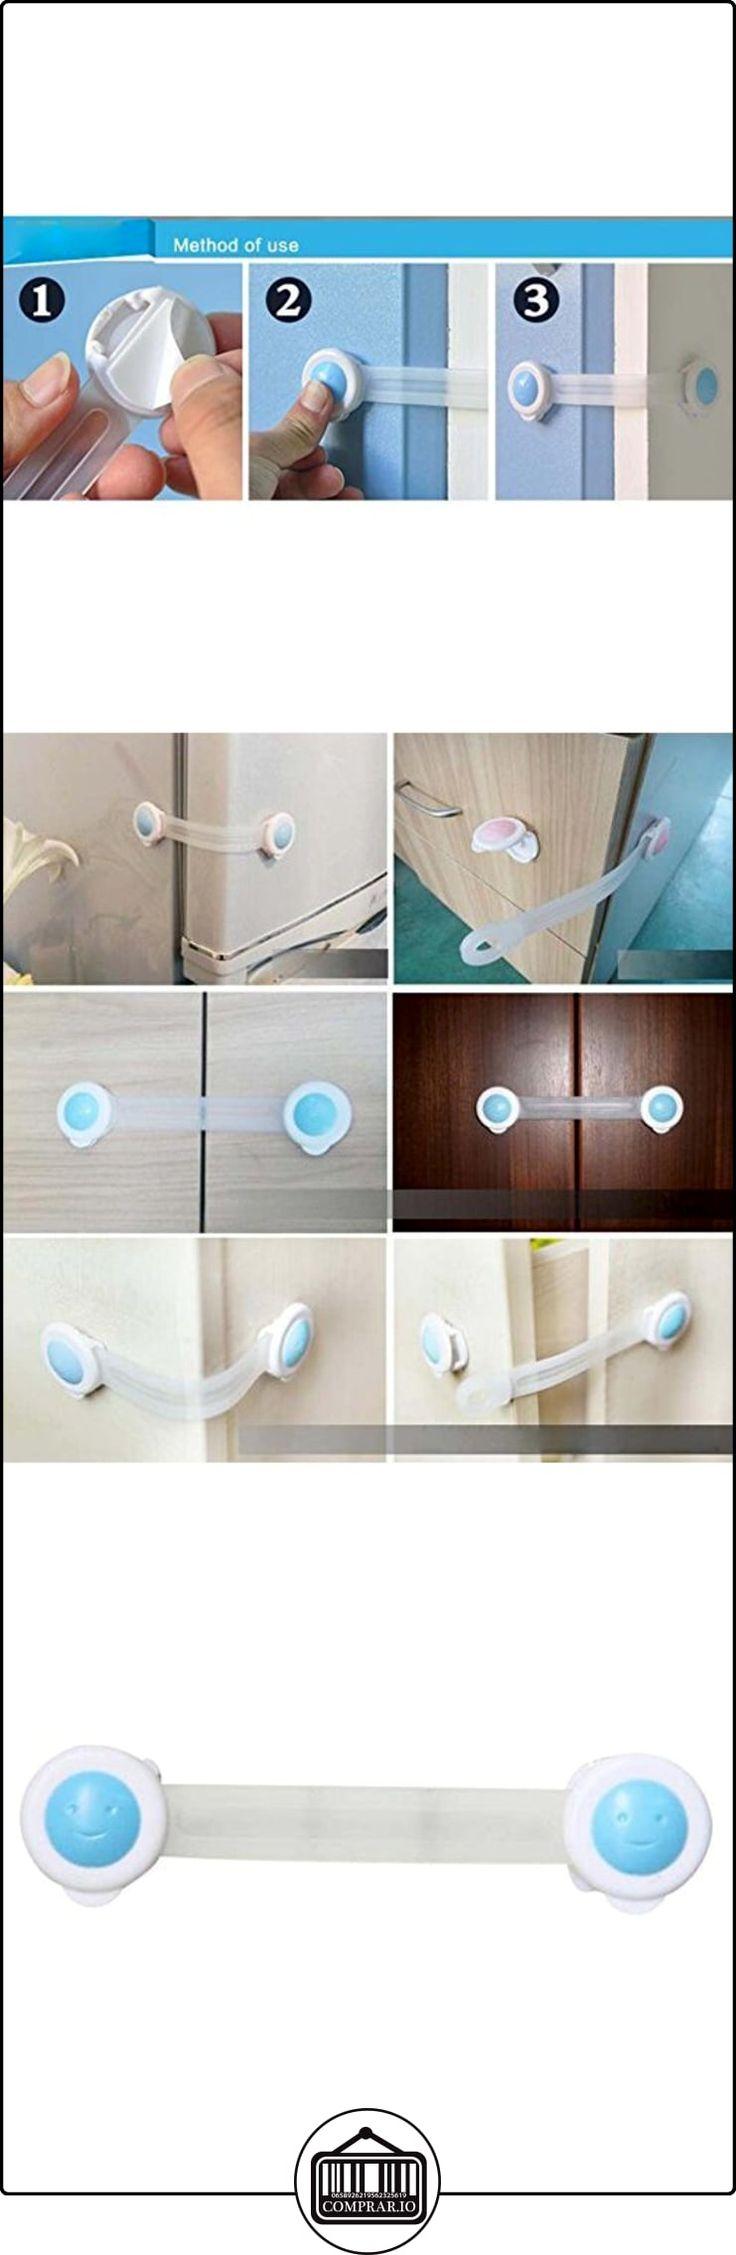 Highdas Child Proof Gabinete Cajonera Refrigerador Asiento de inodoro Cerraduras de seguridad Cerraduras para bebés Blue 6 Packs  ✿ Seguridad para tu bebé - (Protege a tus hijos) ✿ ▬► Ver oferta: http://comprar.io/goto/B01MR41ZN2